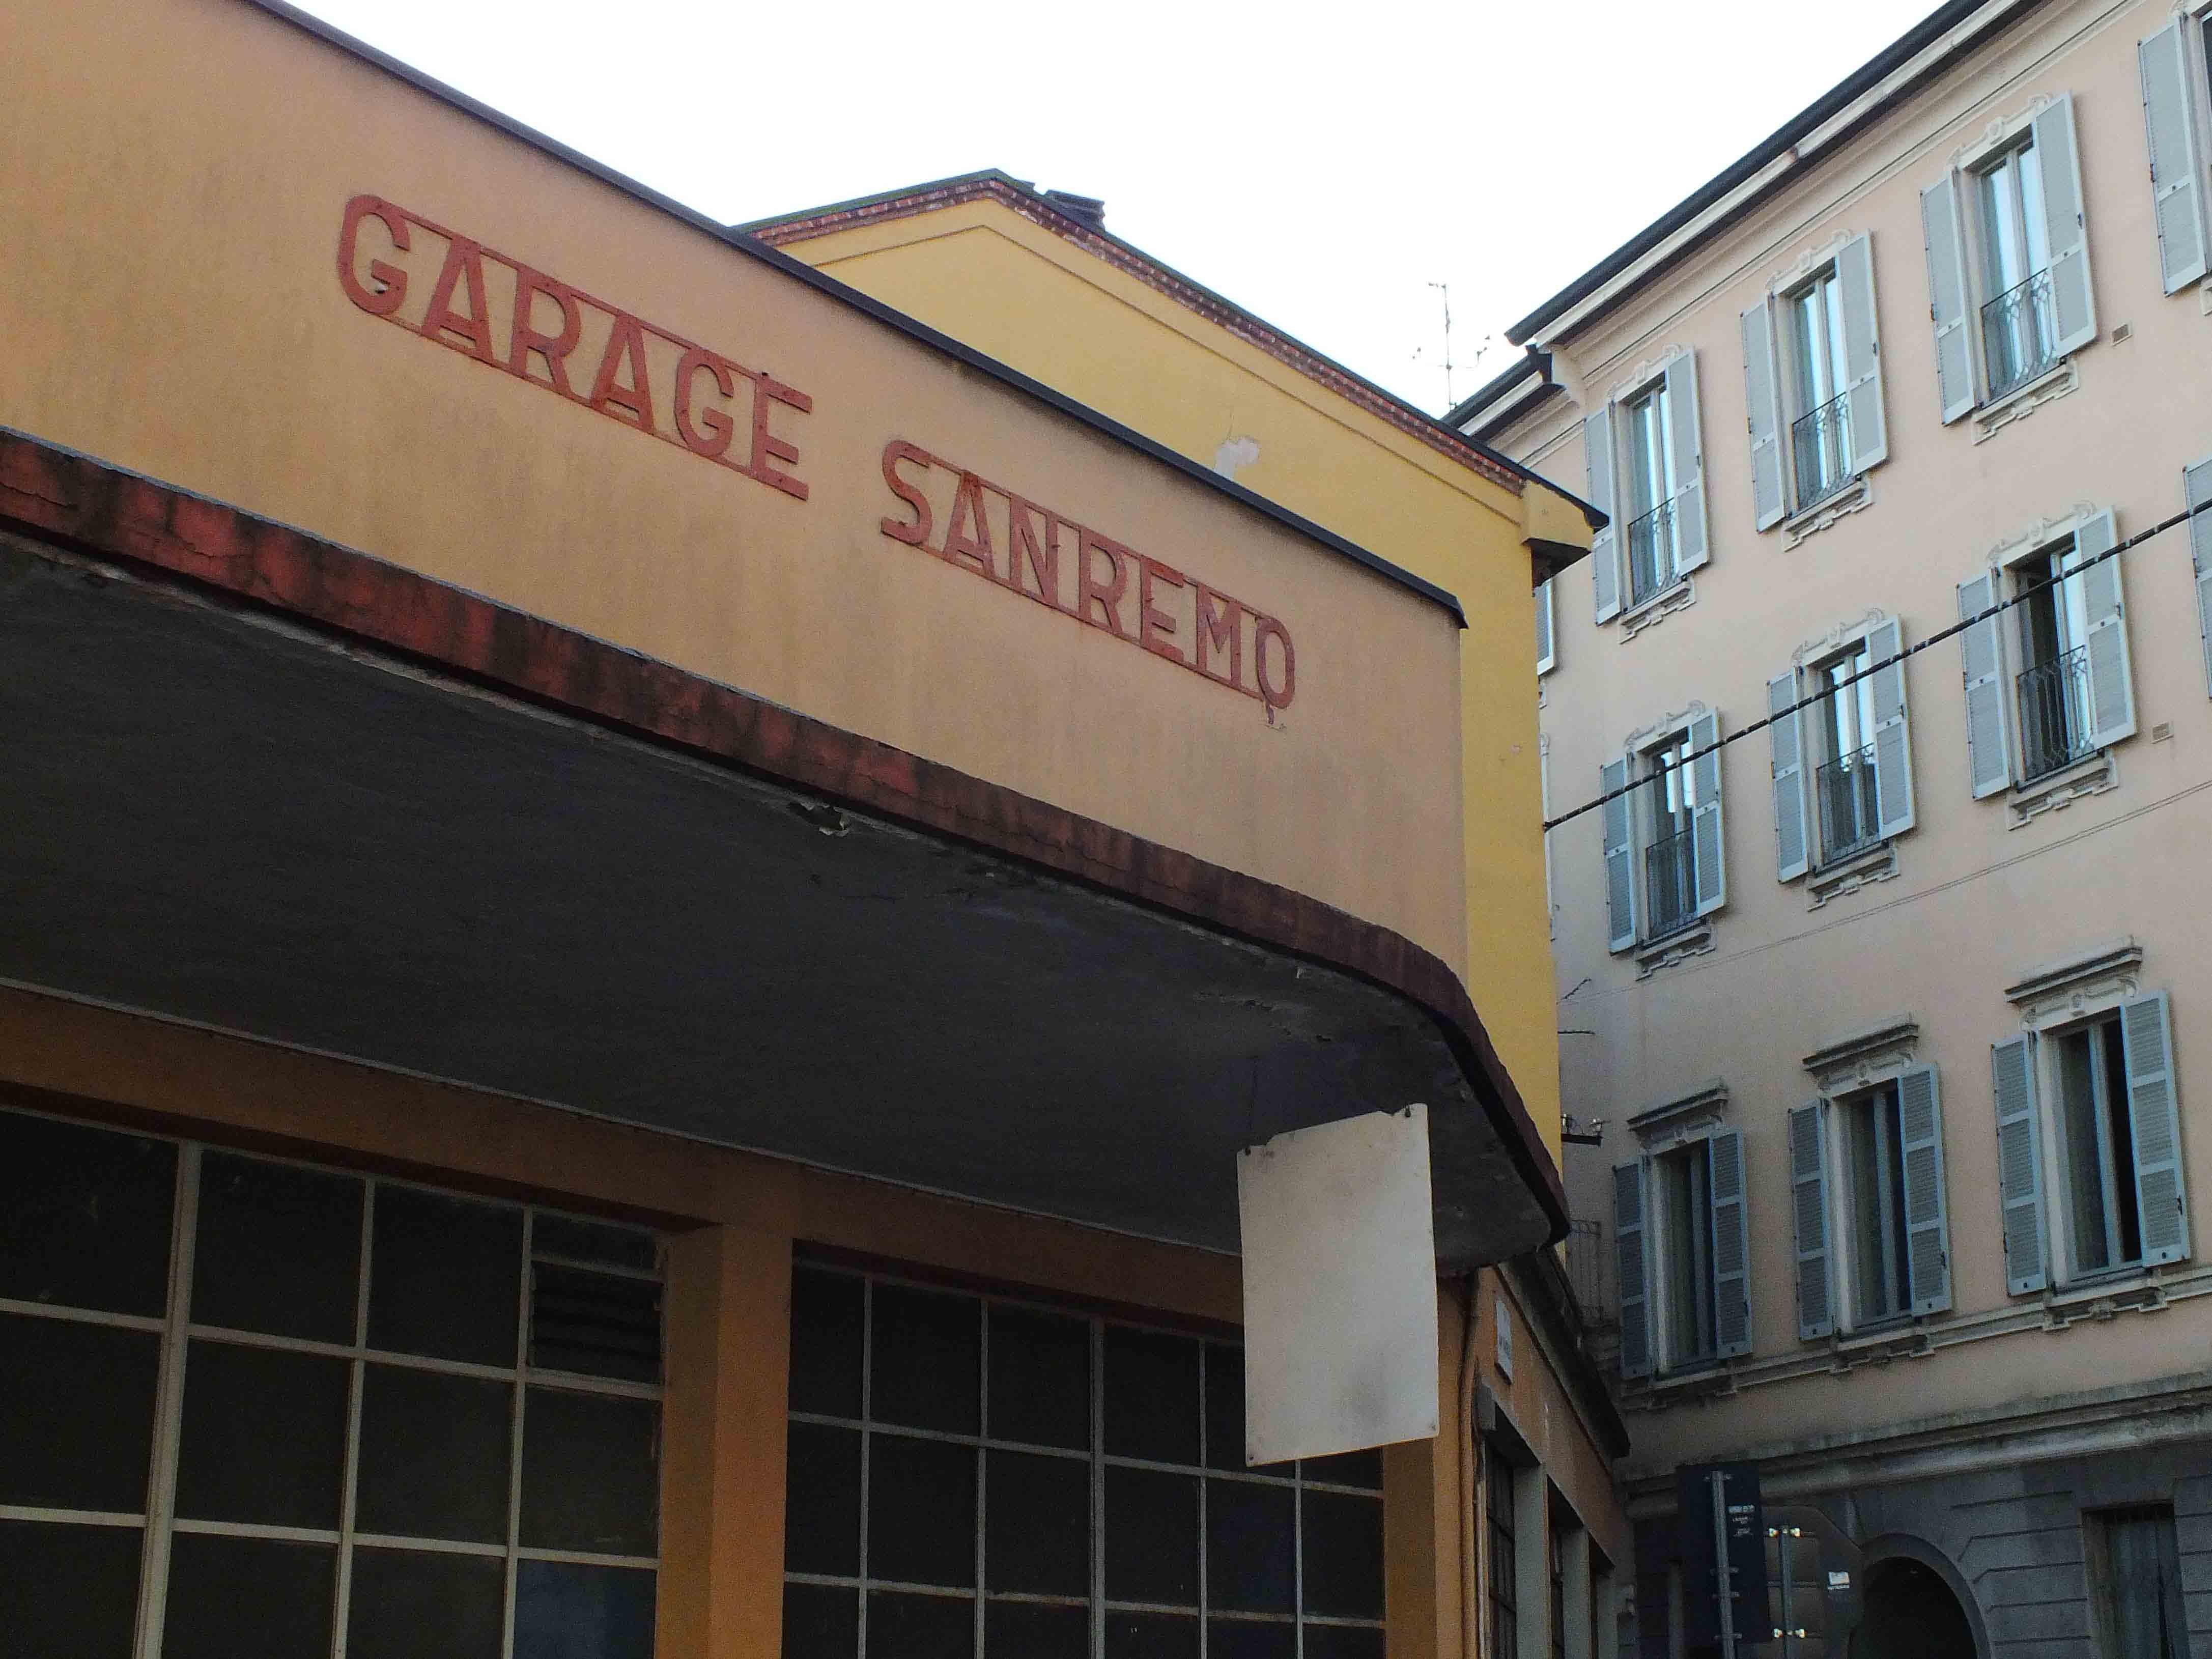 1 garage sanremo in via zecca vecchia cose di casa for Garage di casa